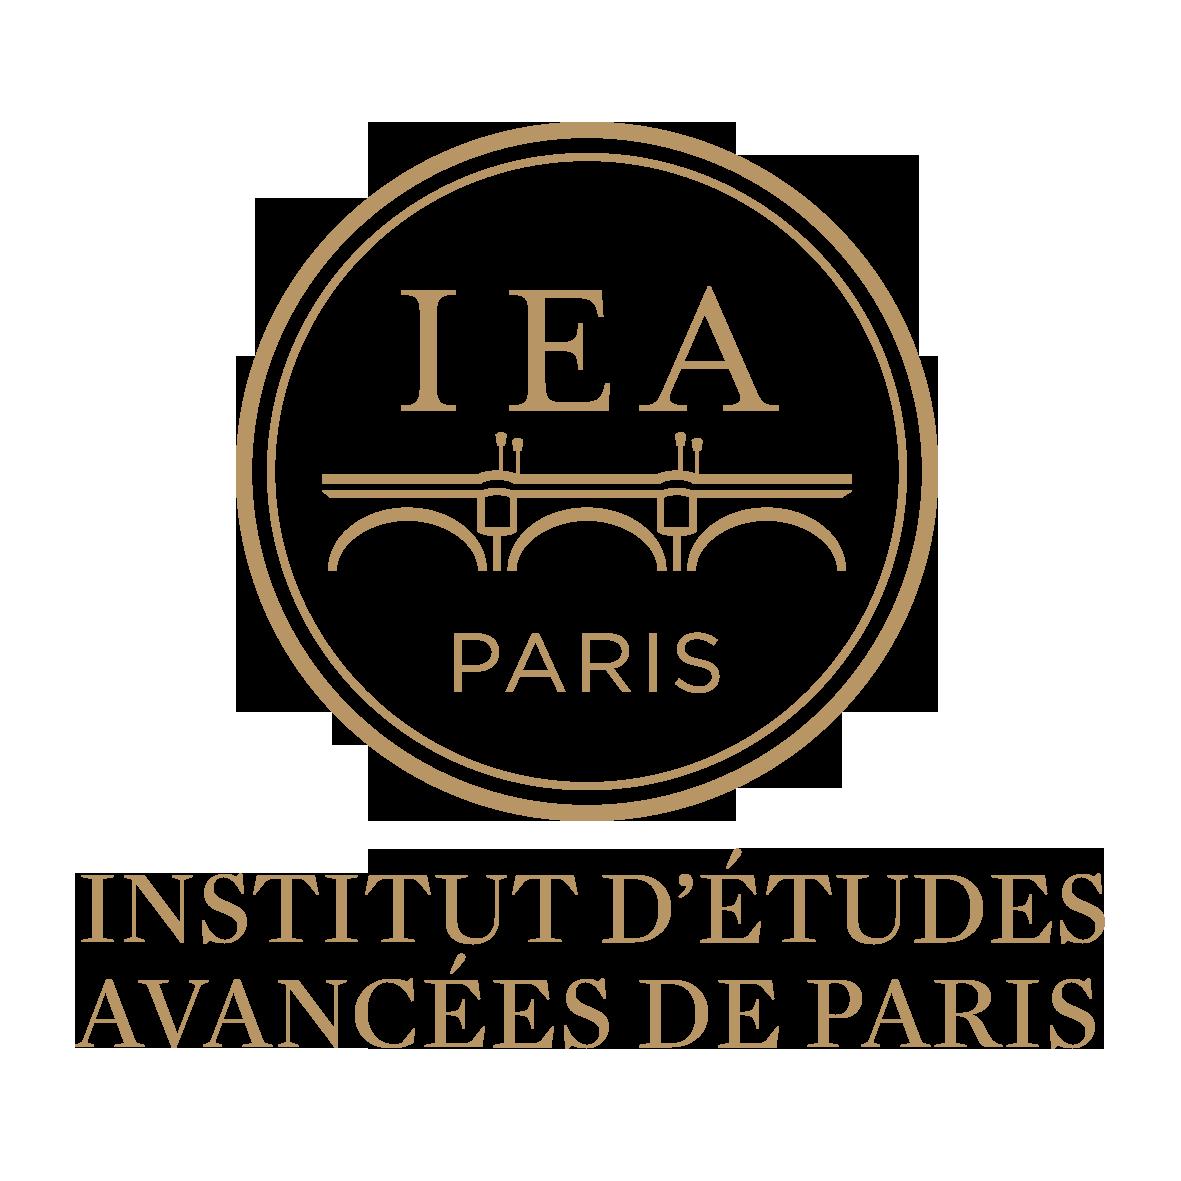 Association - INSTITUT D'ETUDES AVANCEES DE PARIS